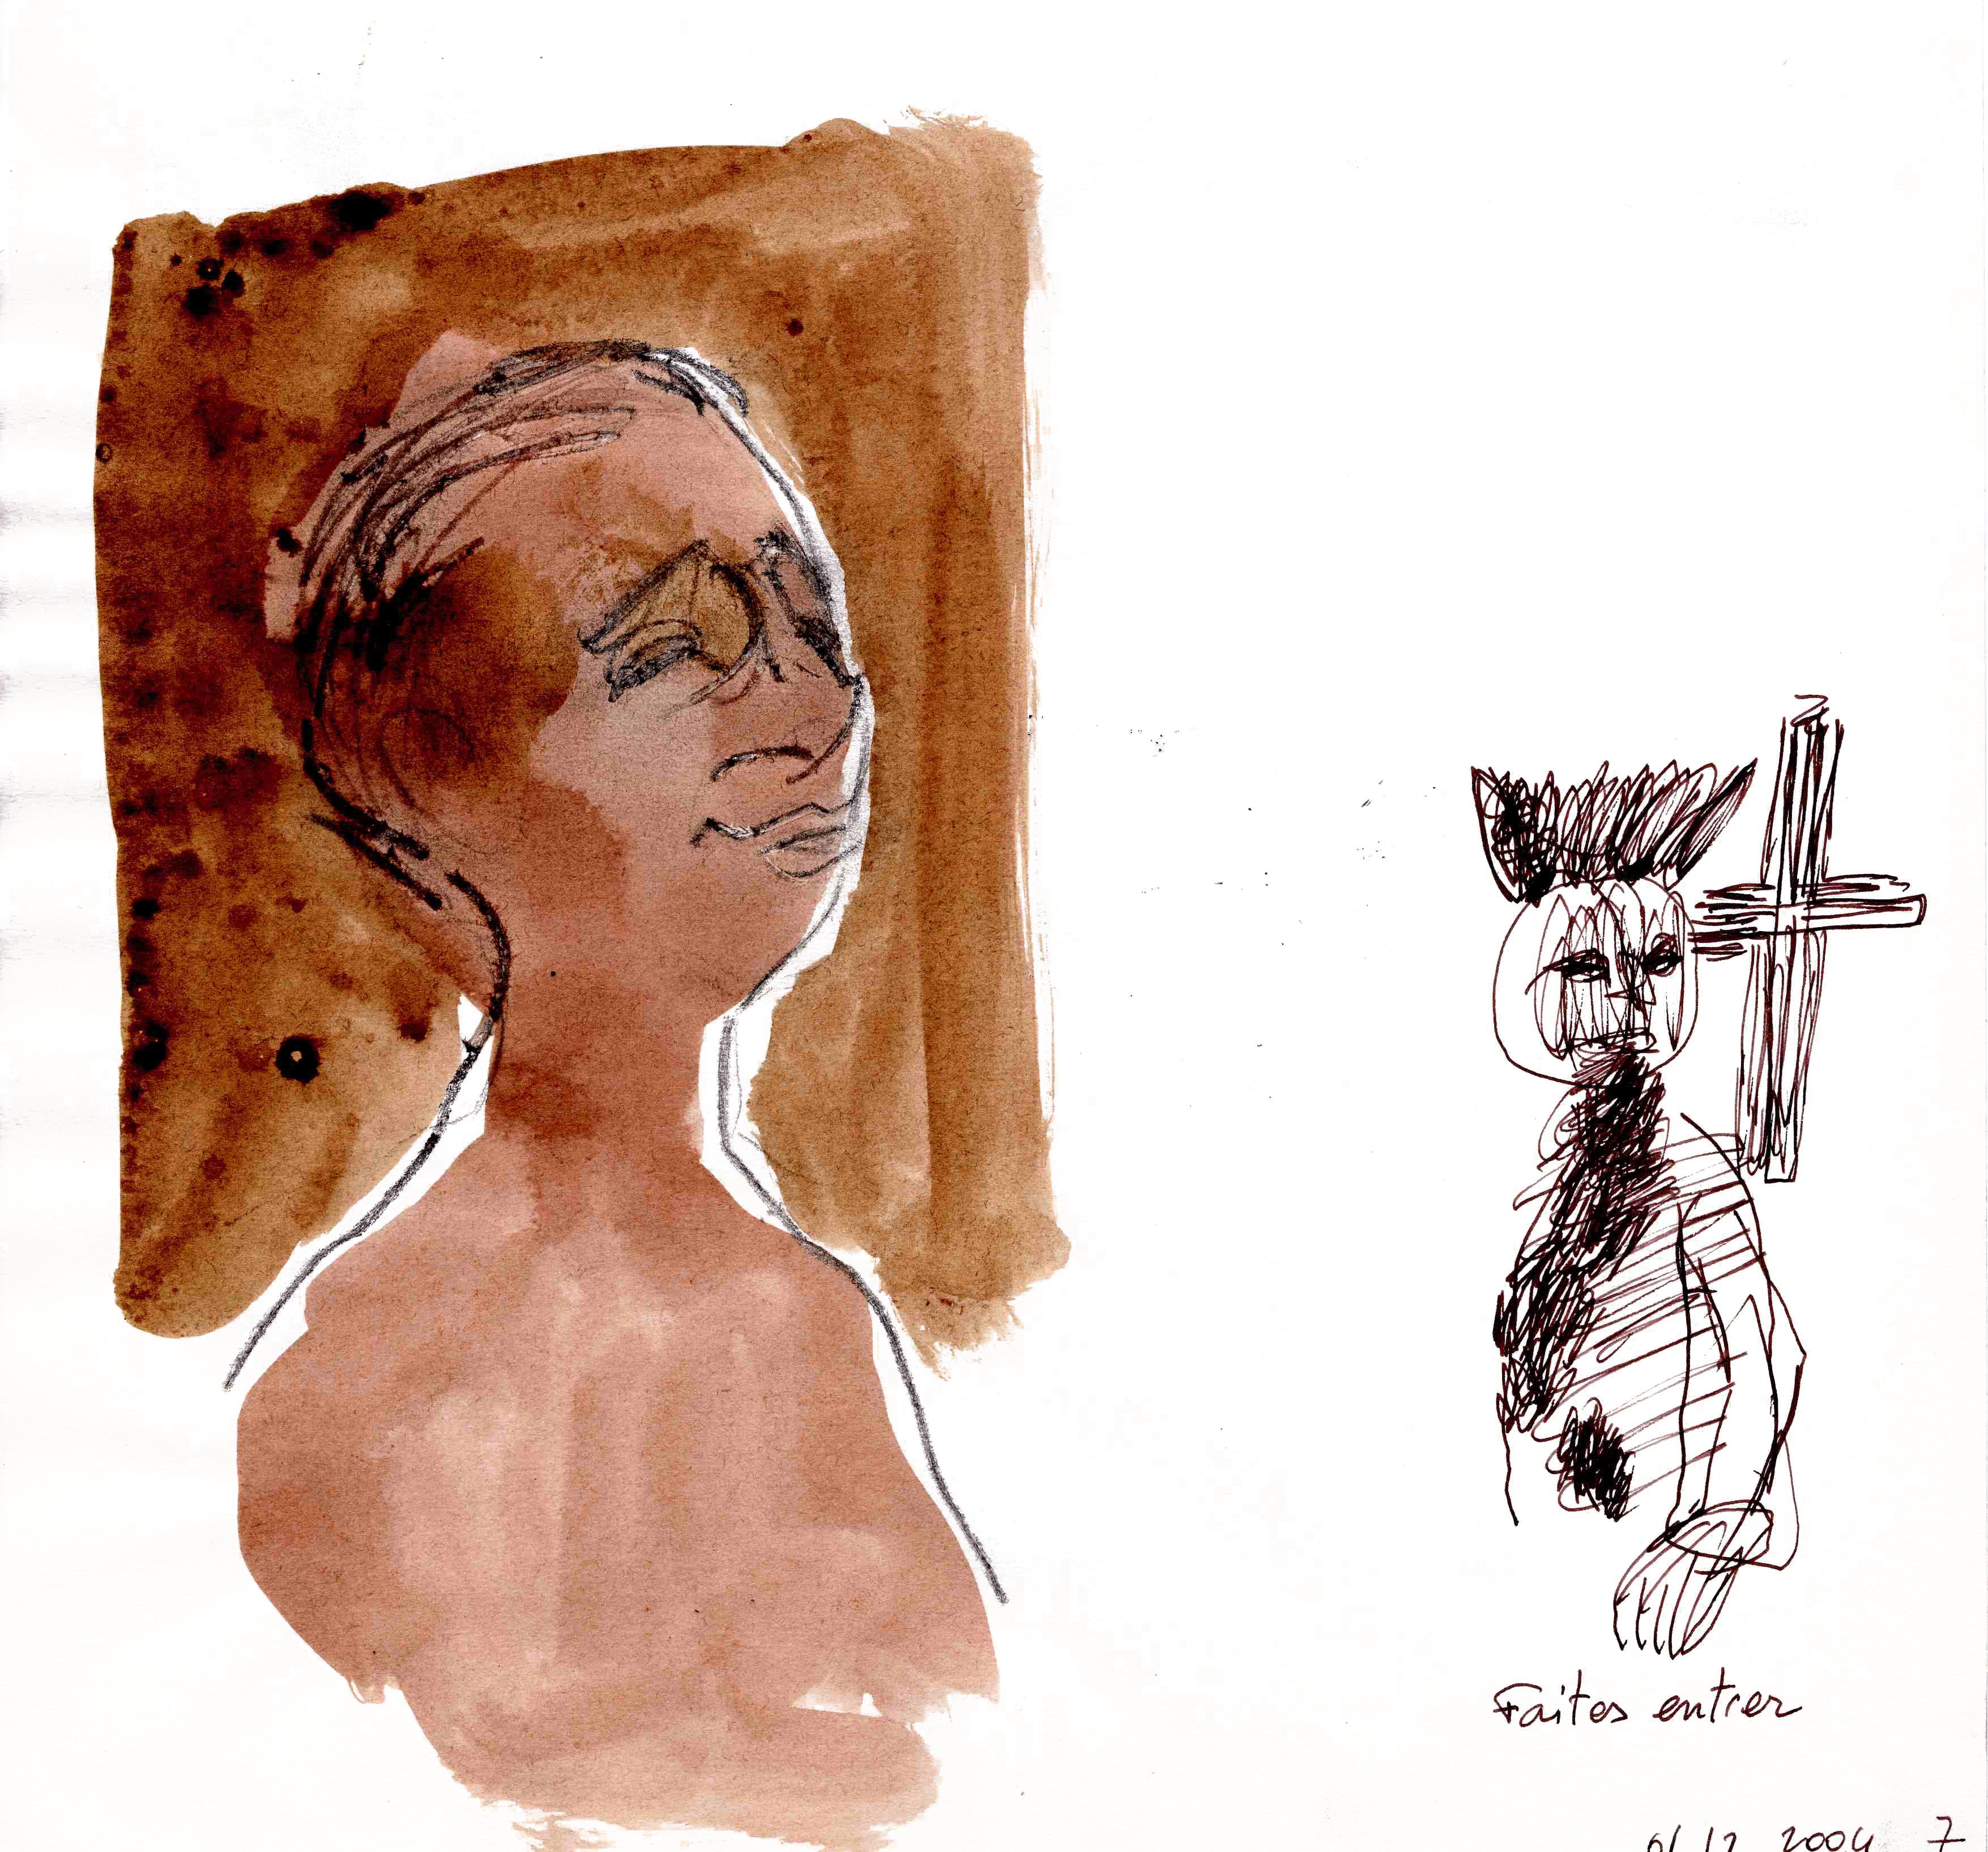 dessin022